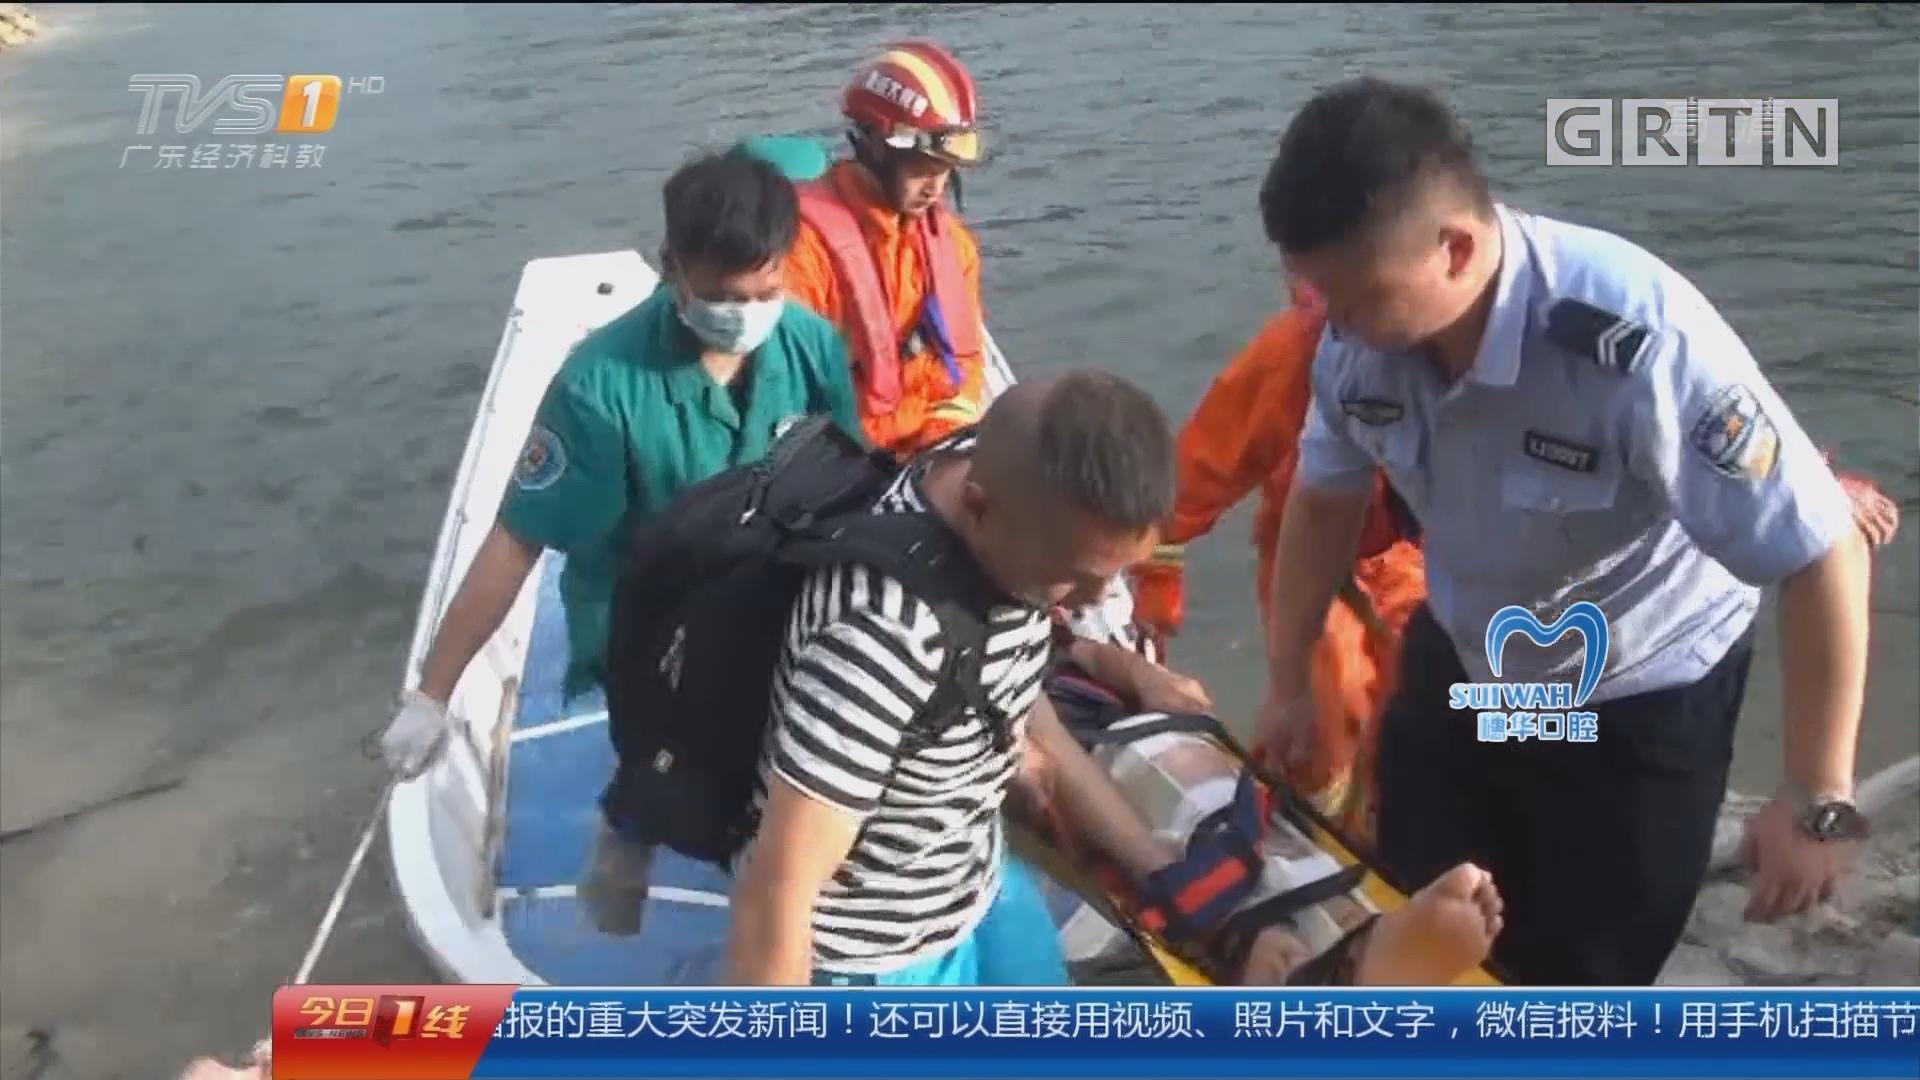 惠州:户外徒步摔下山 消防医护海陆救援